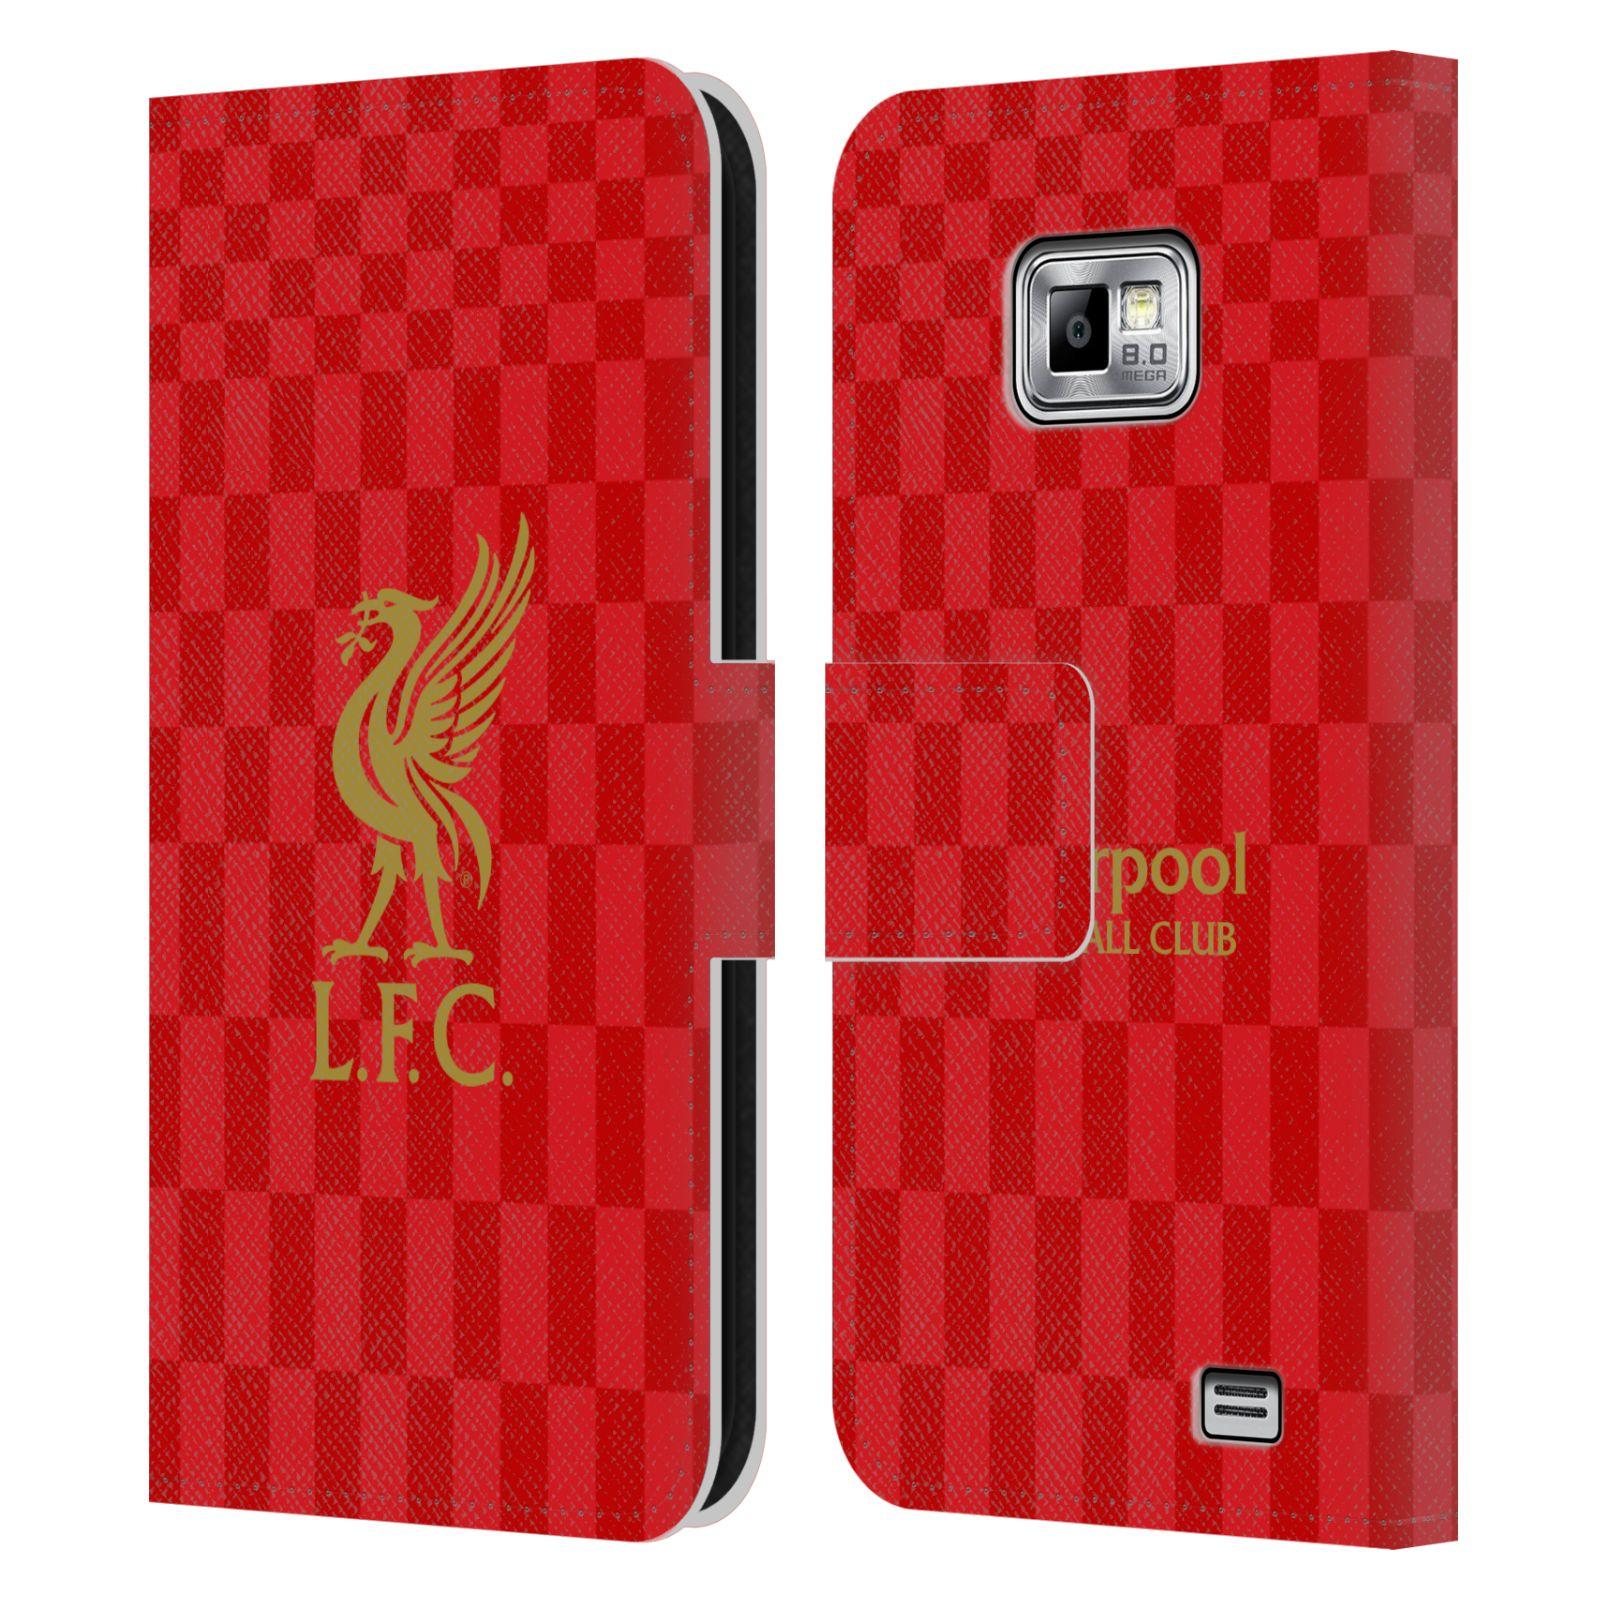 HEAD CASE Flipové pouzdro pro mobil Samsung Galaxy S2 i9100 LIVERPOOL FC OFICIÁLNÍ ZNAK kostky dres zlatá na červené